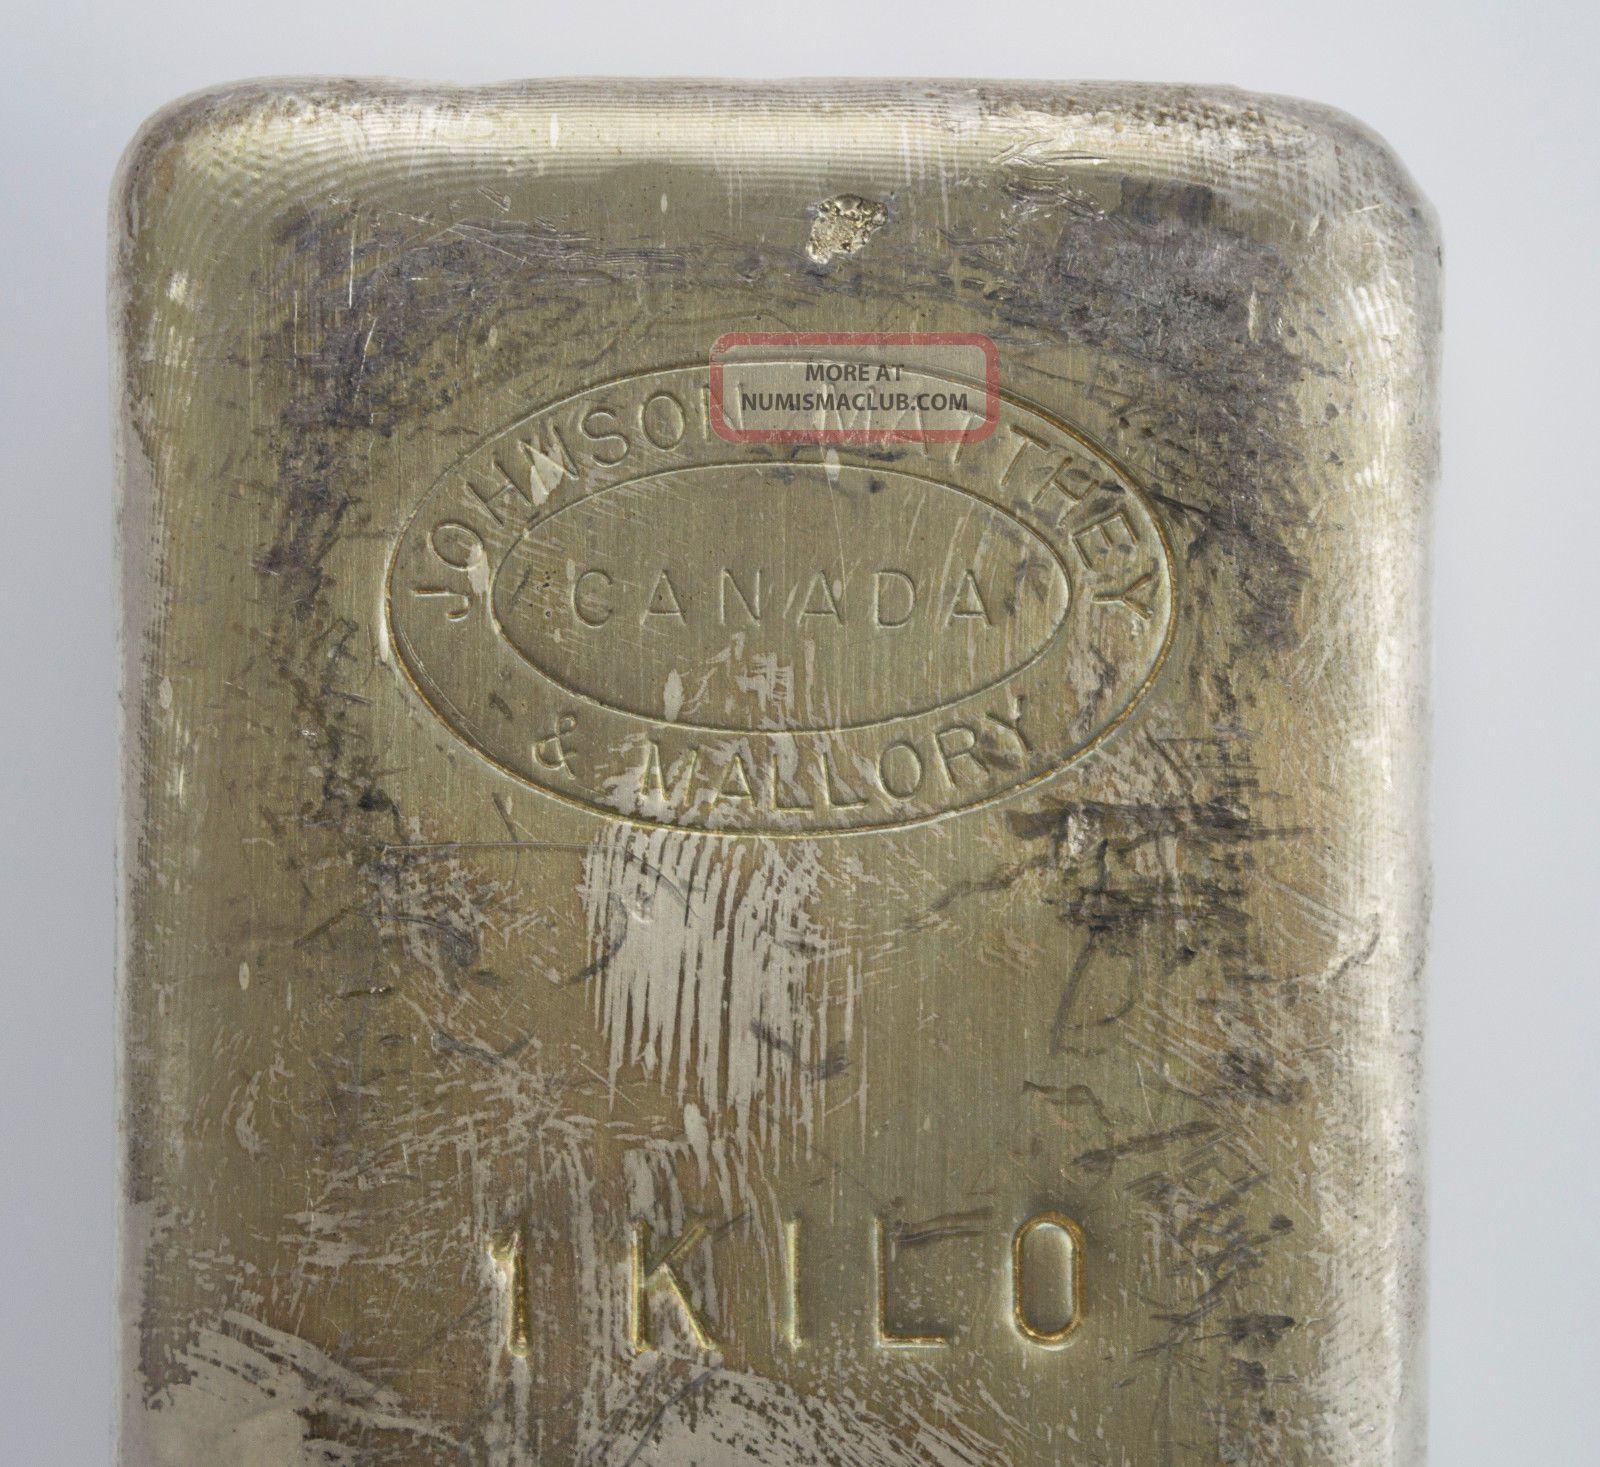 Rare 1 Kilo Jm Johnson Matthey Mallory Canada Old Poured